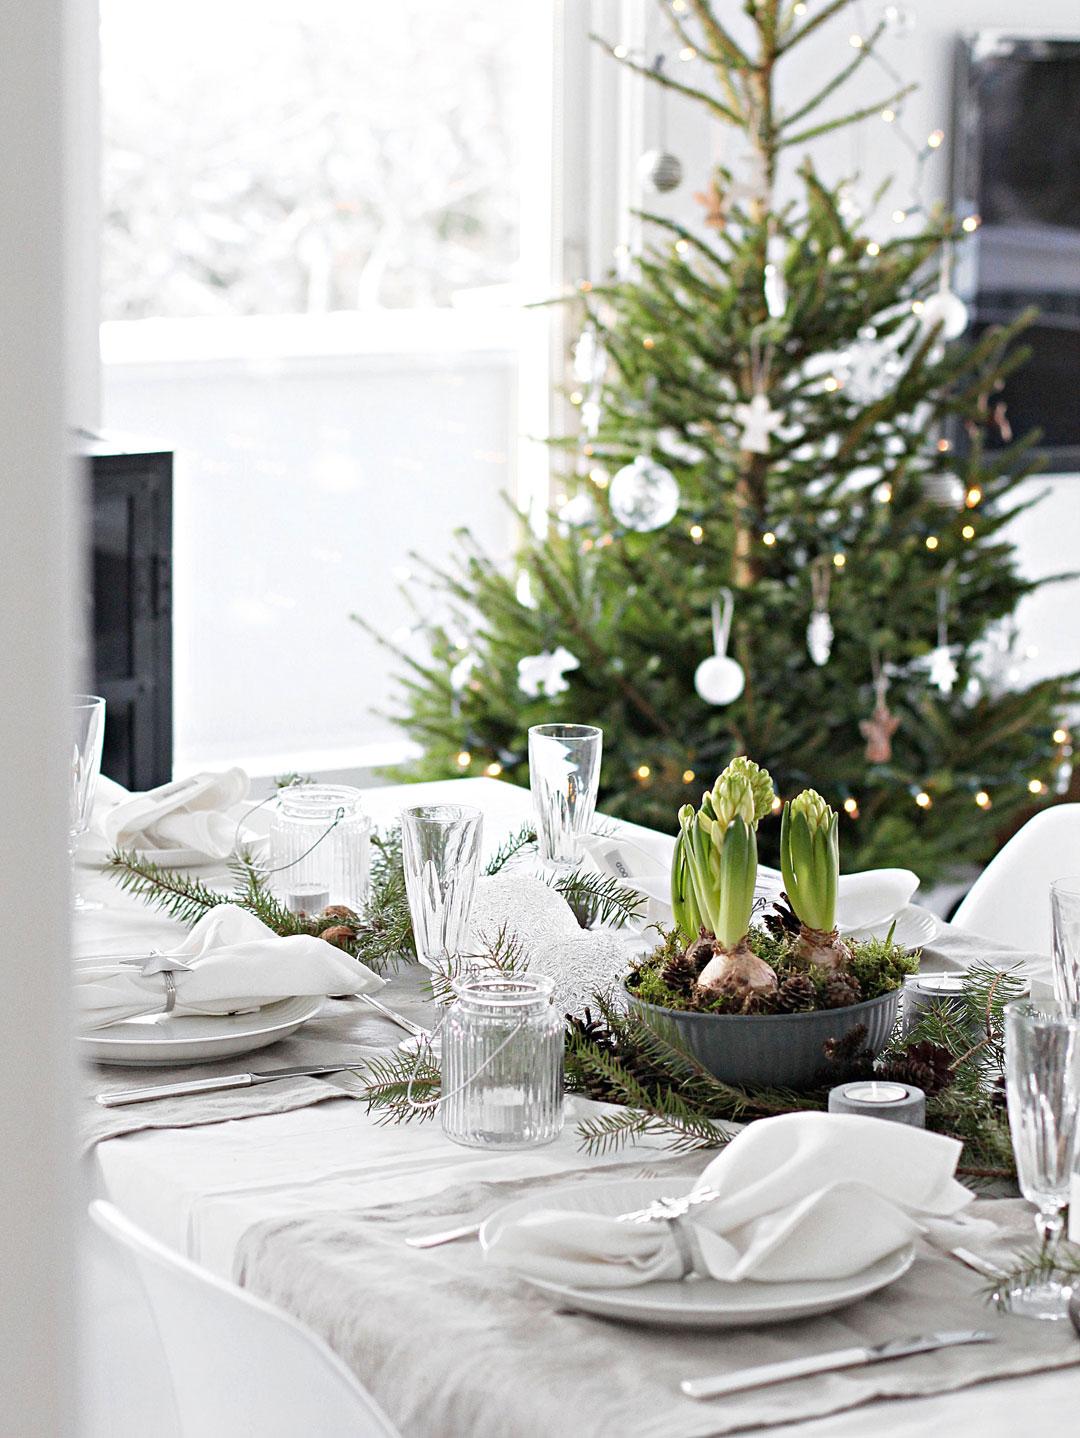 alles gute f r sie callwey w nscht frohe weihnachten. Black Bedroom Furniture Sets. Home Design Ideas